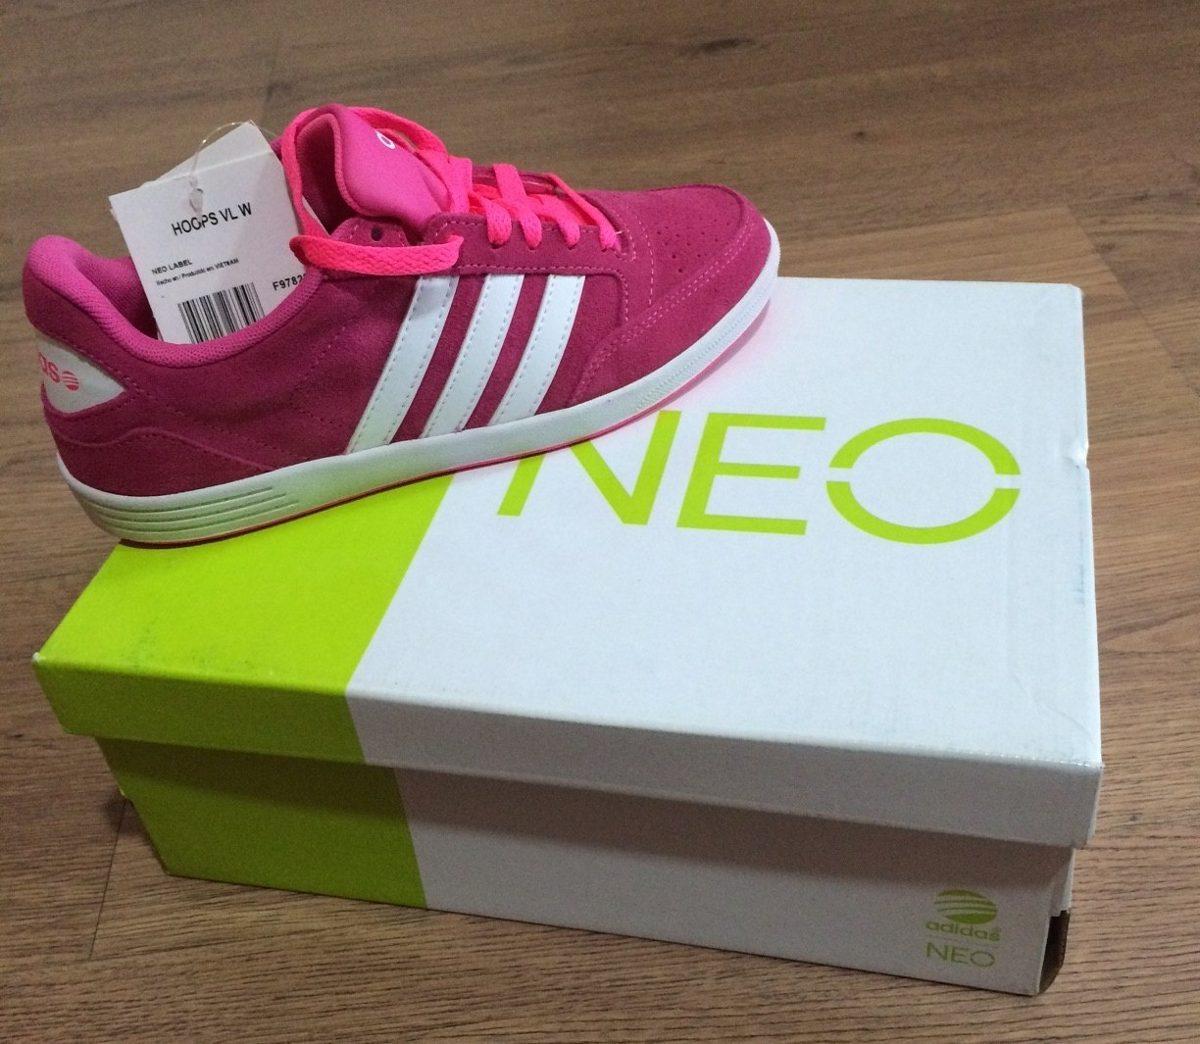 8bd87d9b348 tênis adidas neo stripes rosa. Carregando zoom.